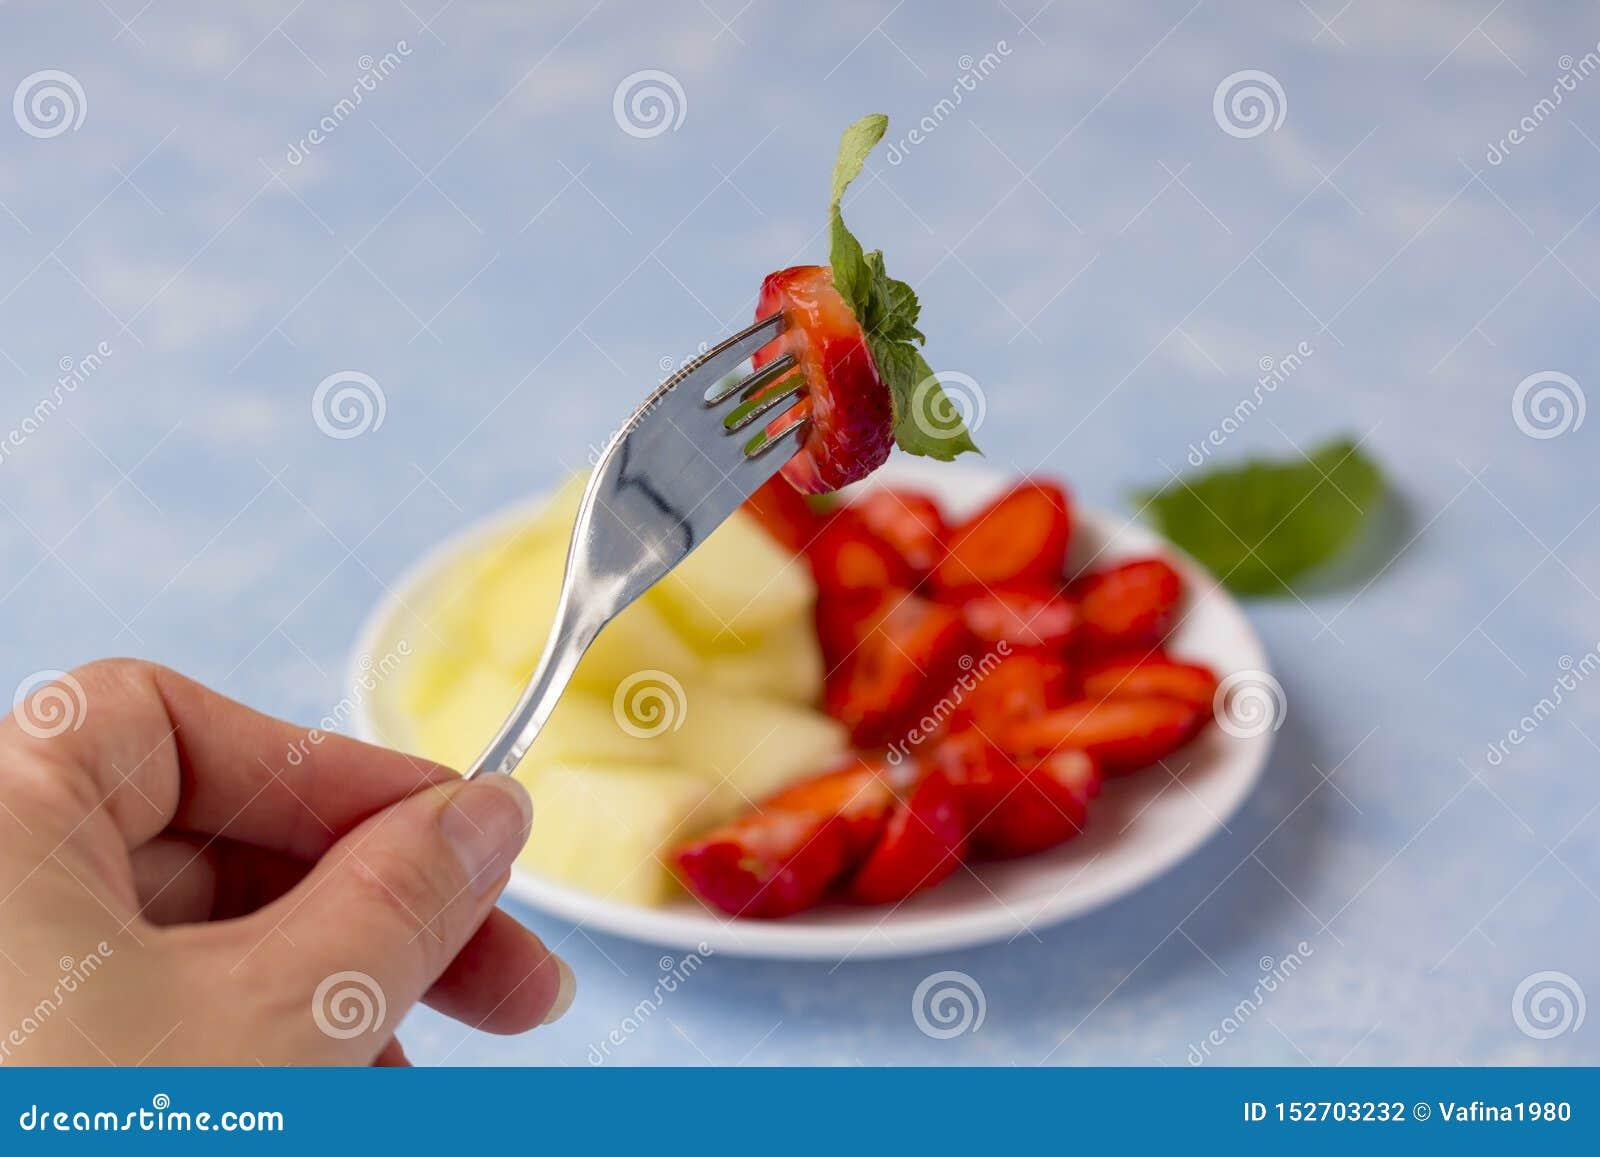 La main femelle tient une baie sur une fourchette Salade de fruits végétarienne organique fraîche